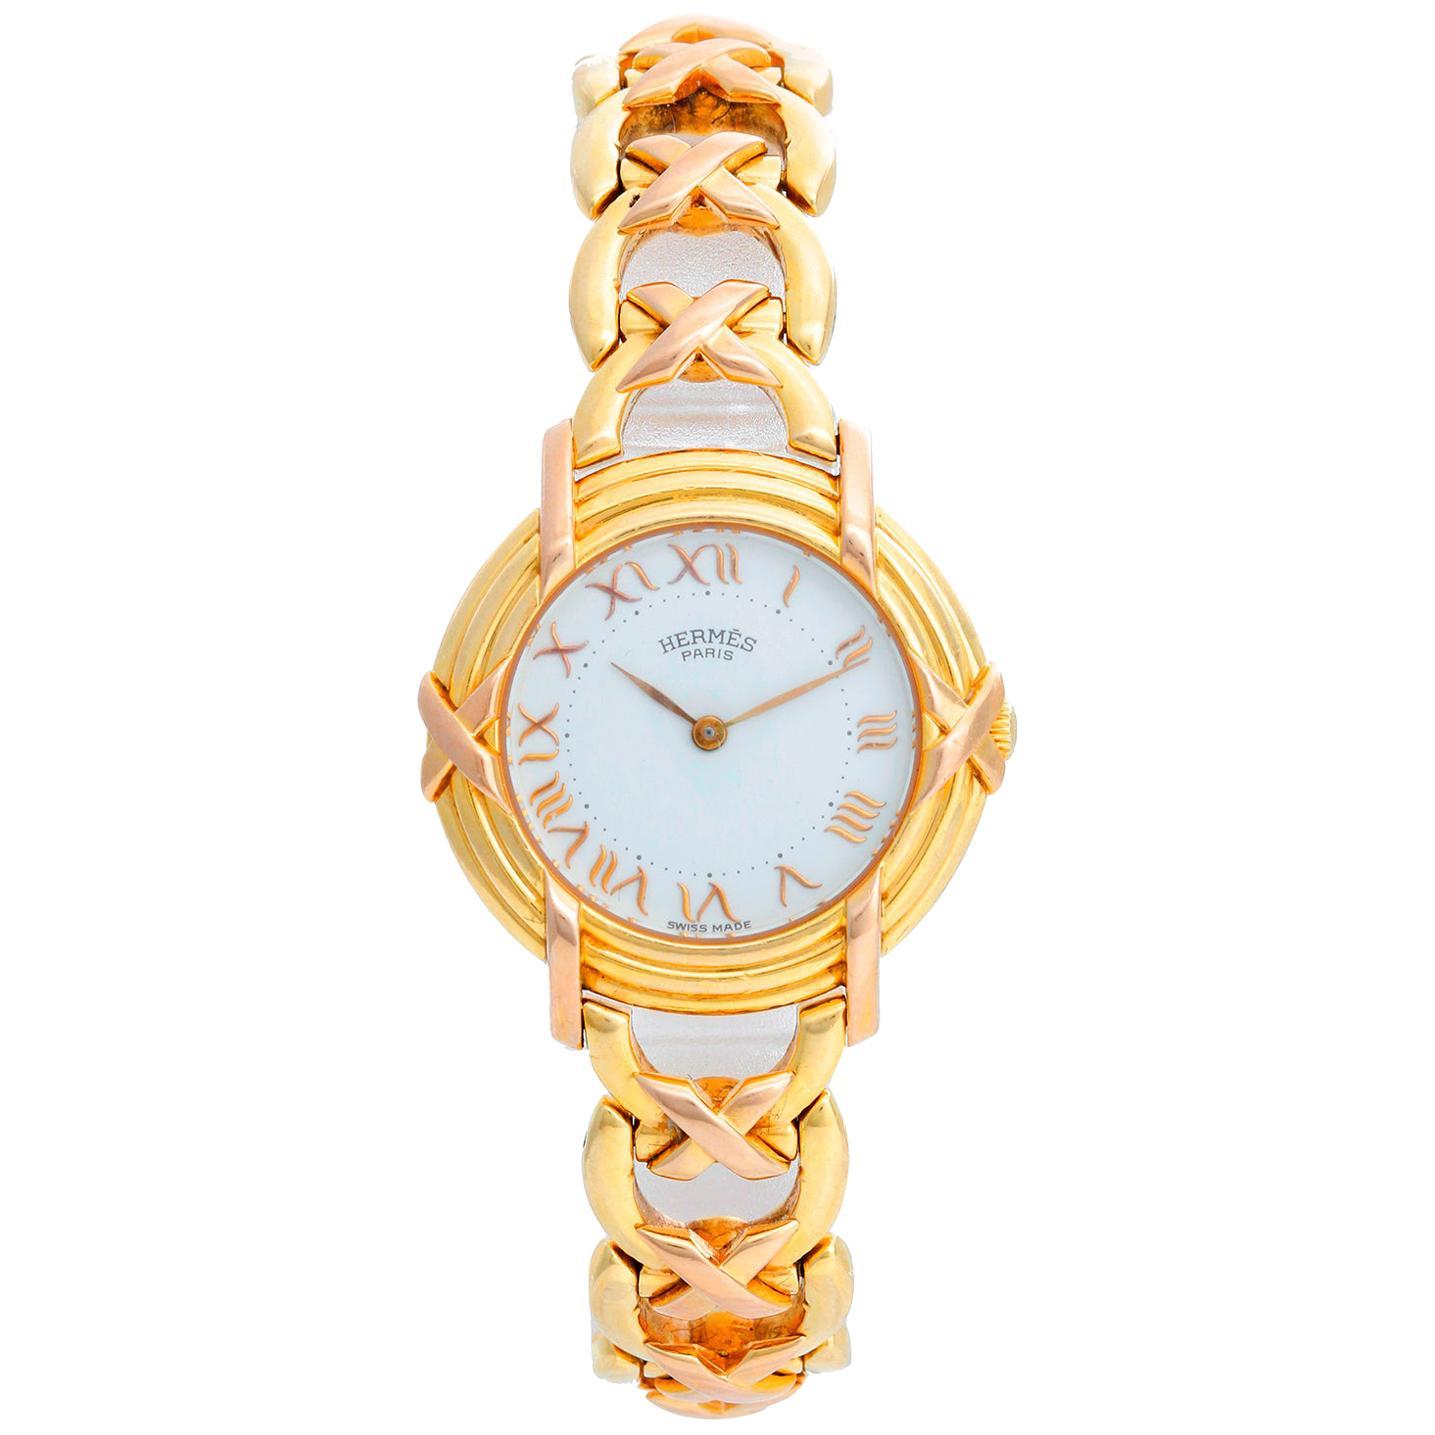 Hermès 18 Karat Yellow Gold Ruban Ladies Watch